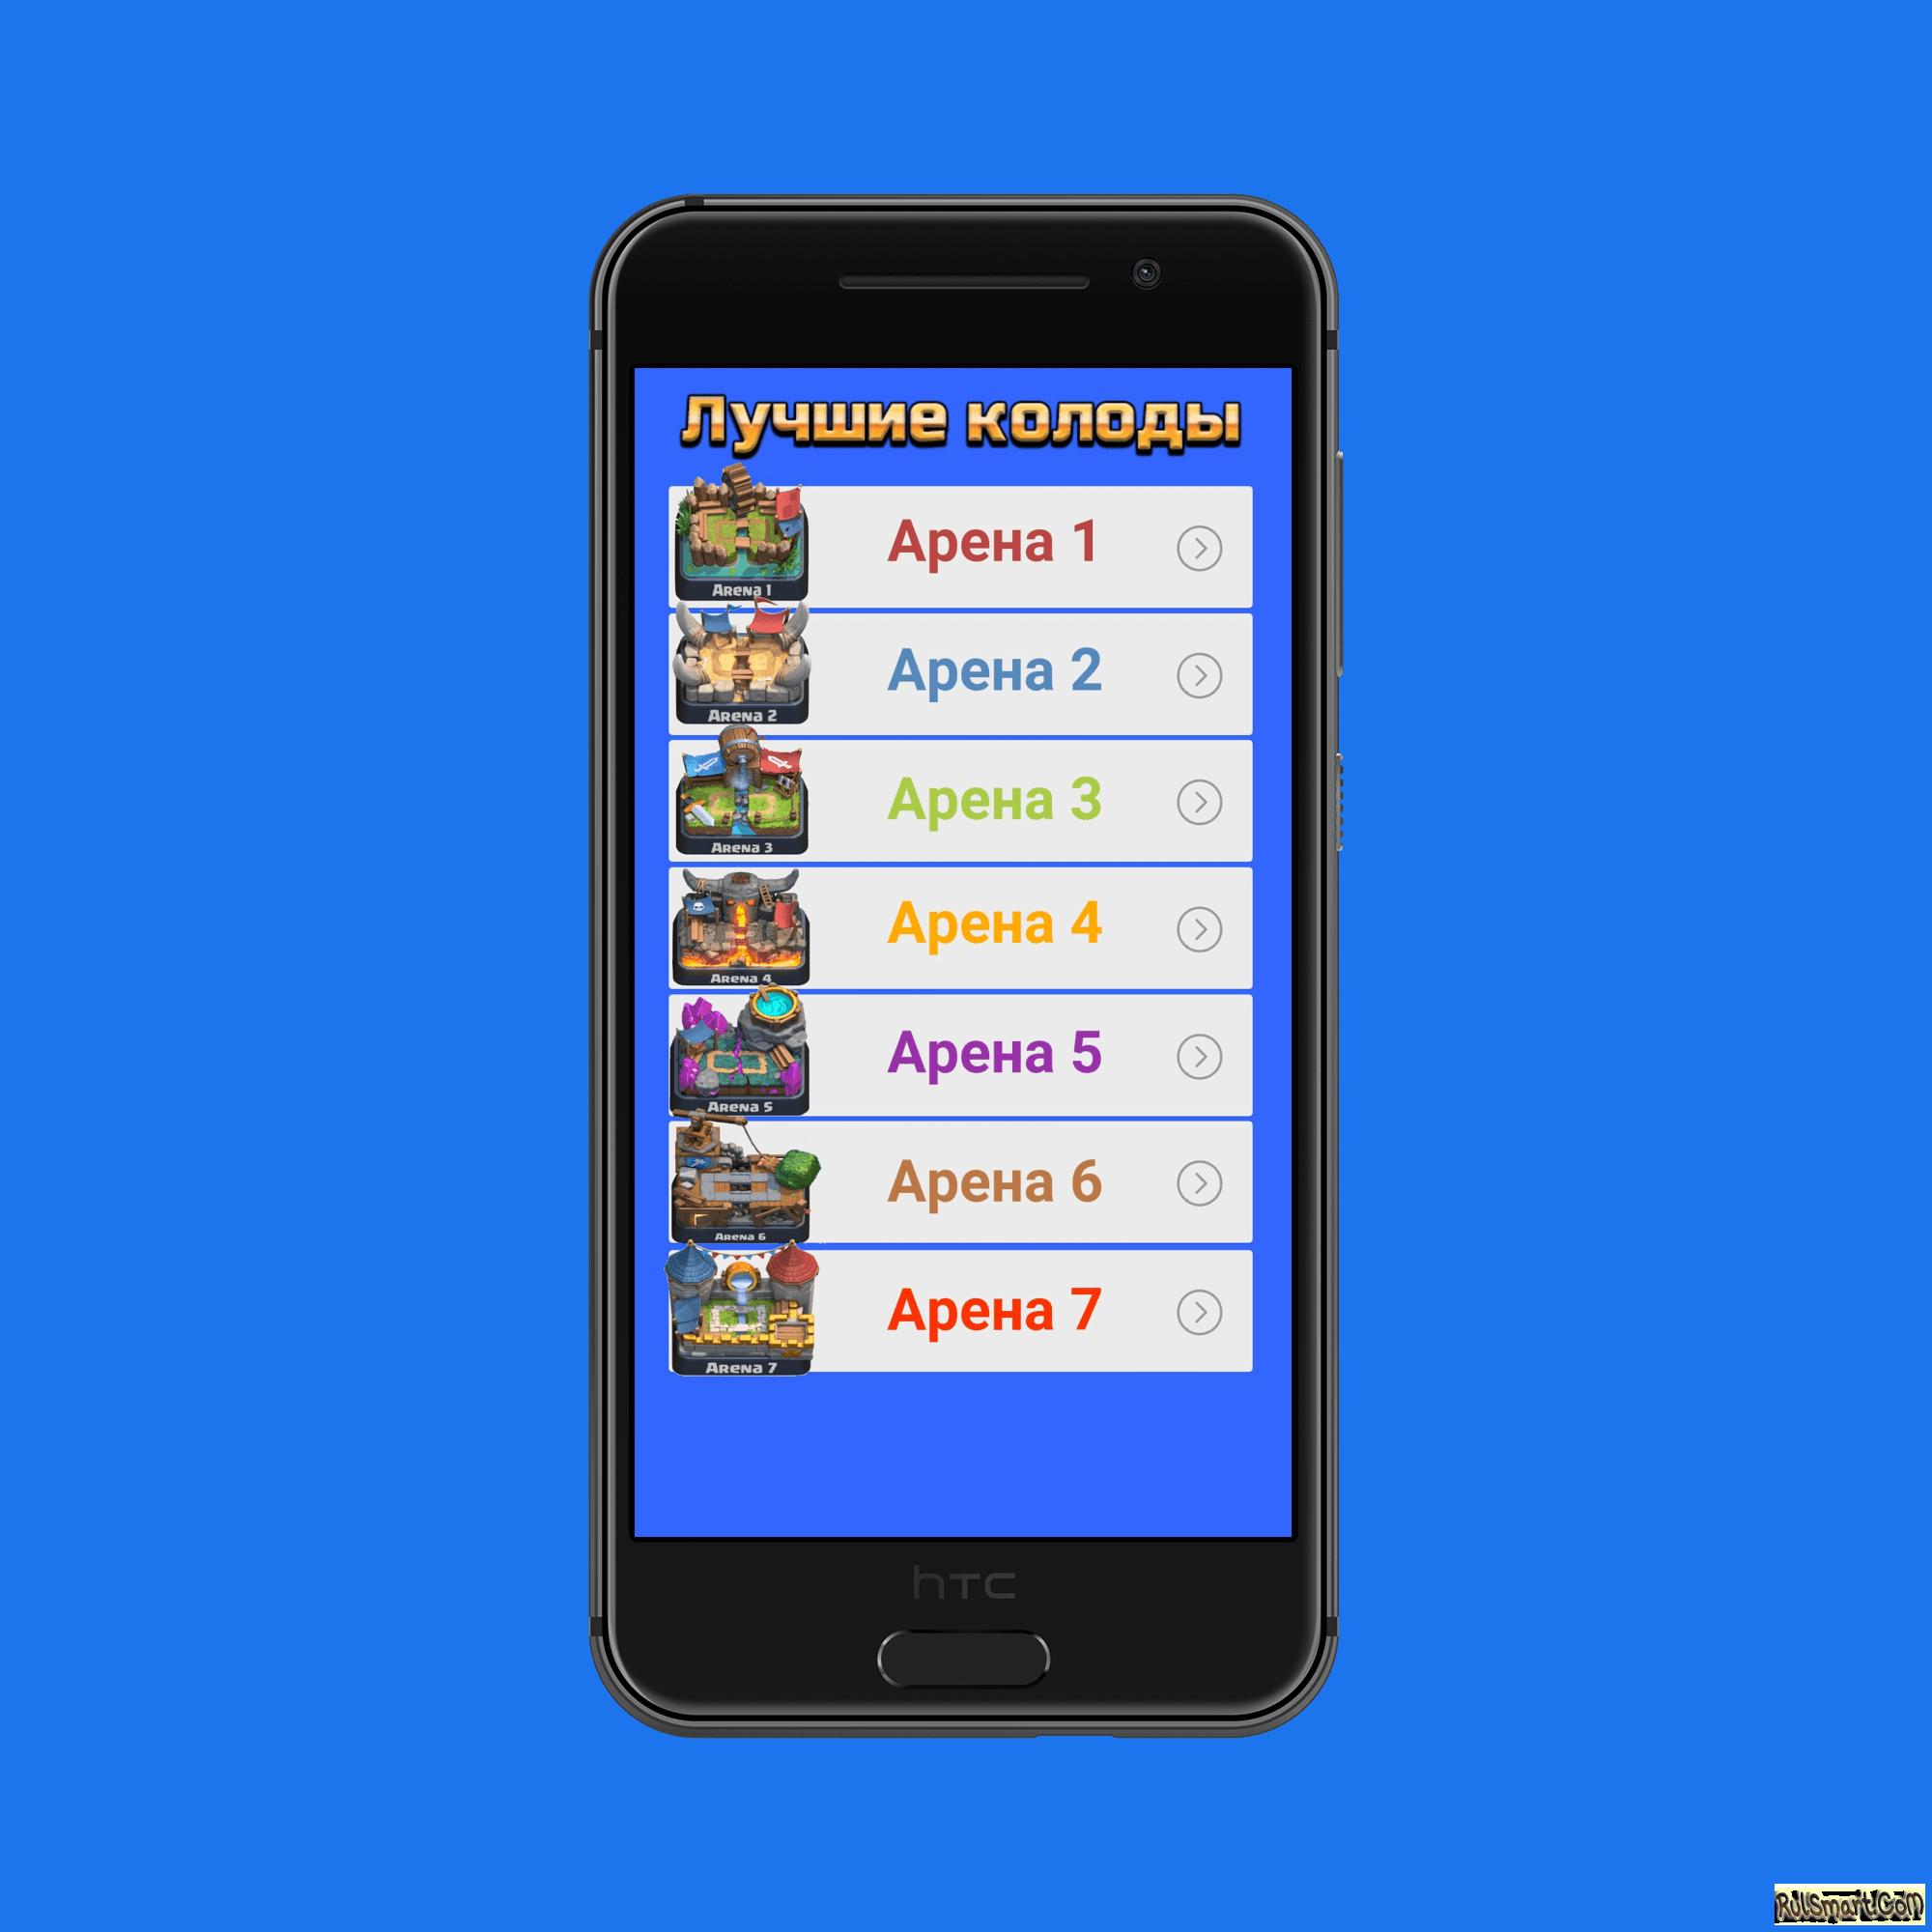 программа для взлома денег в играх на android